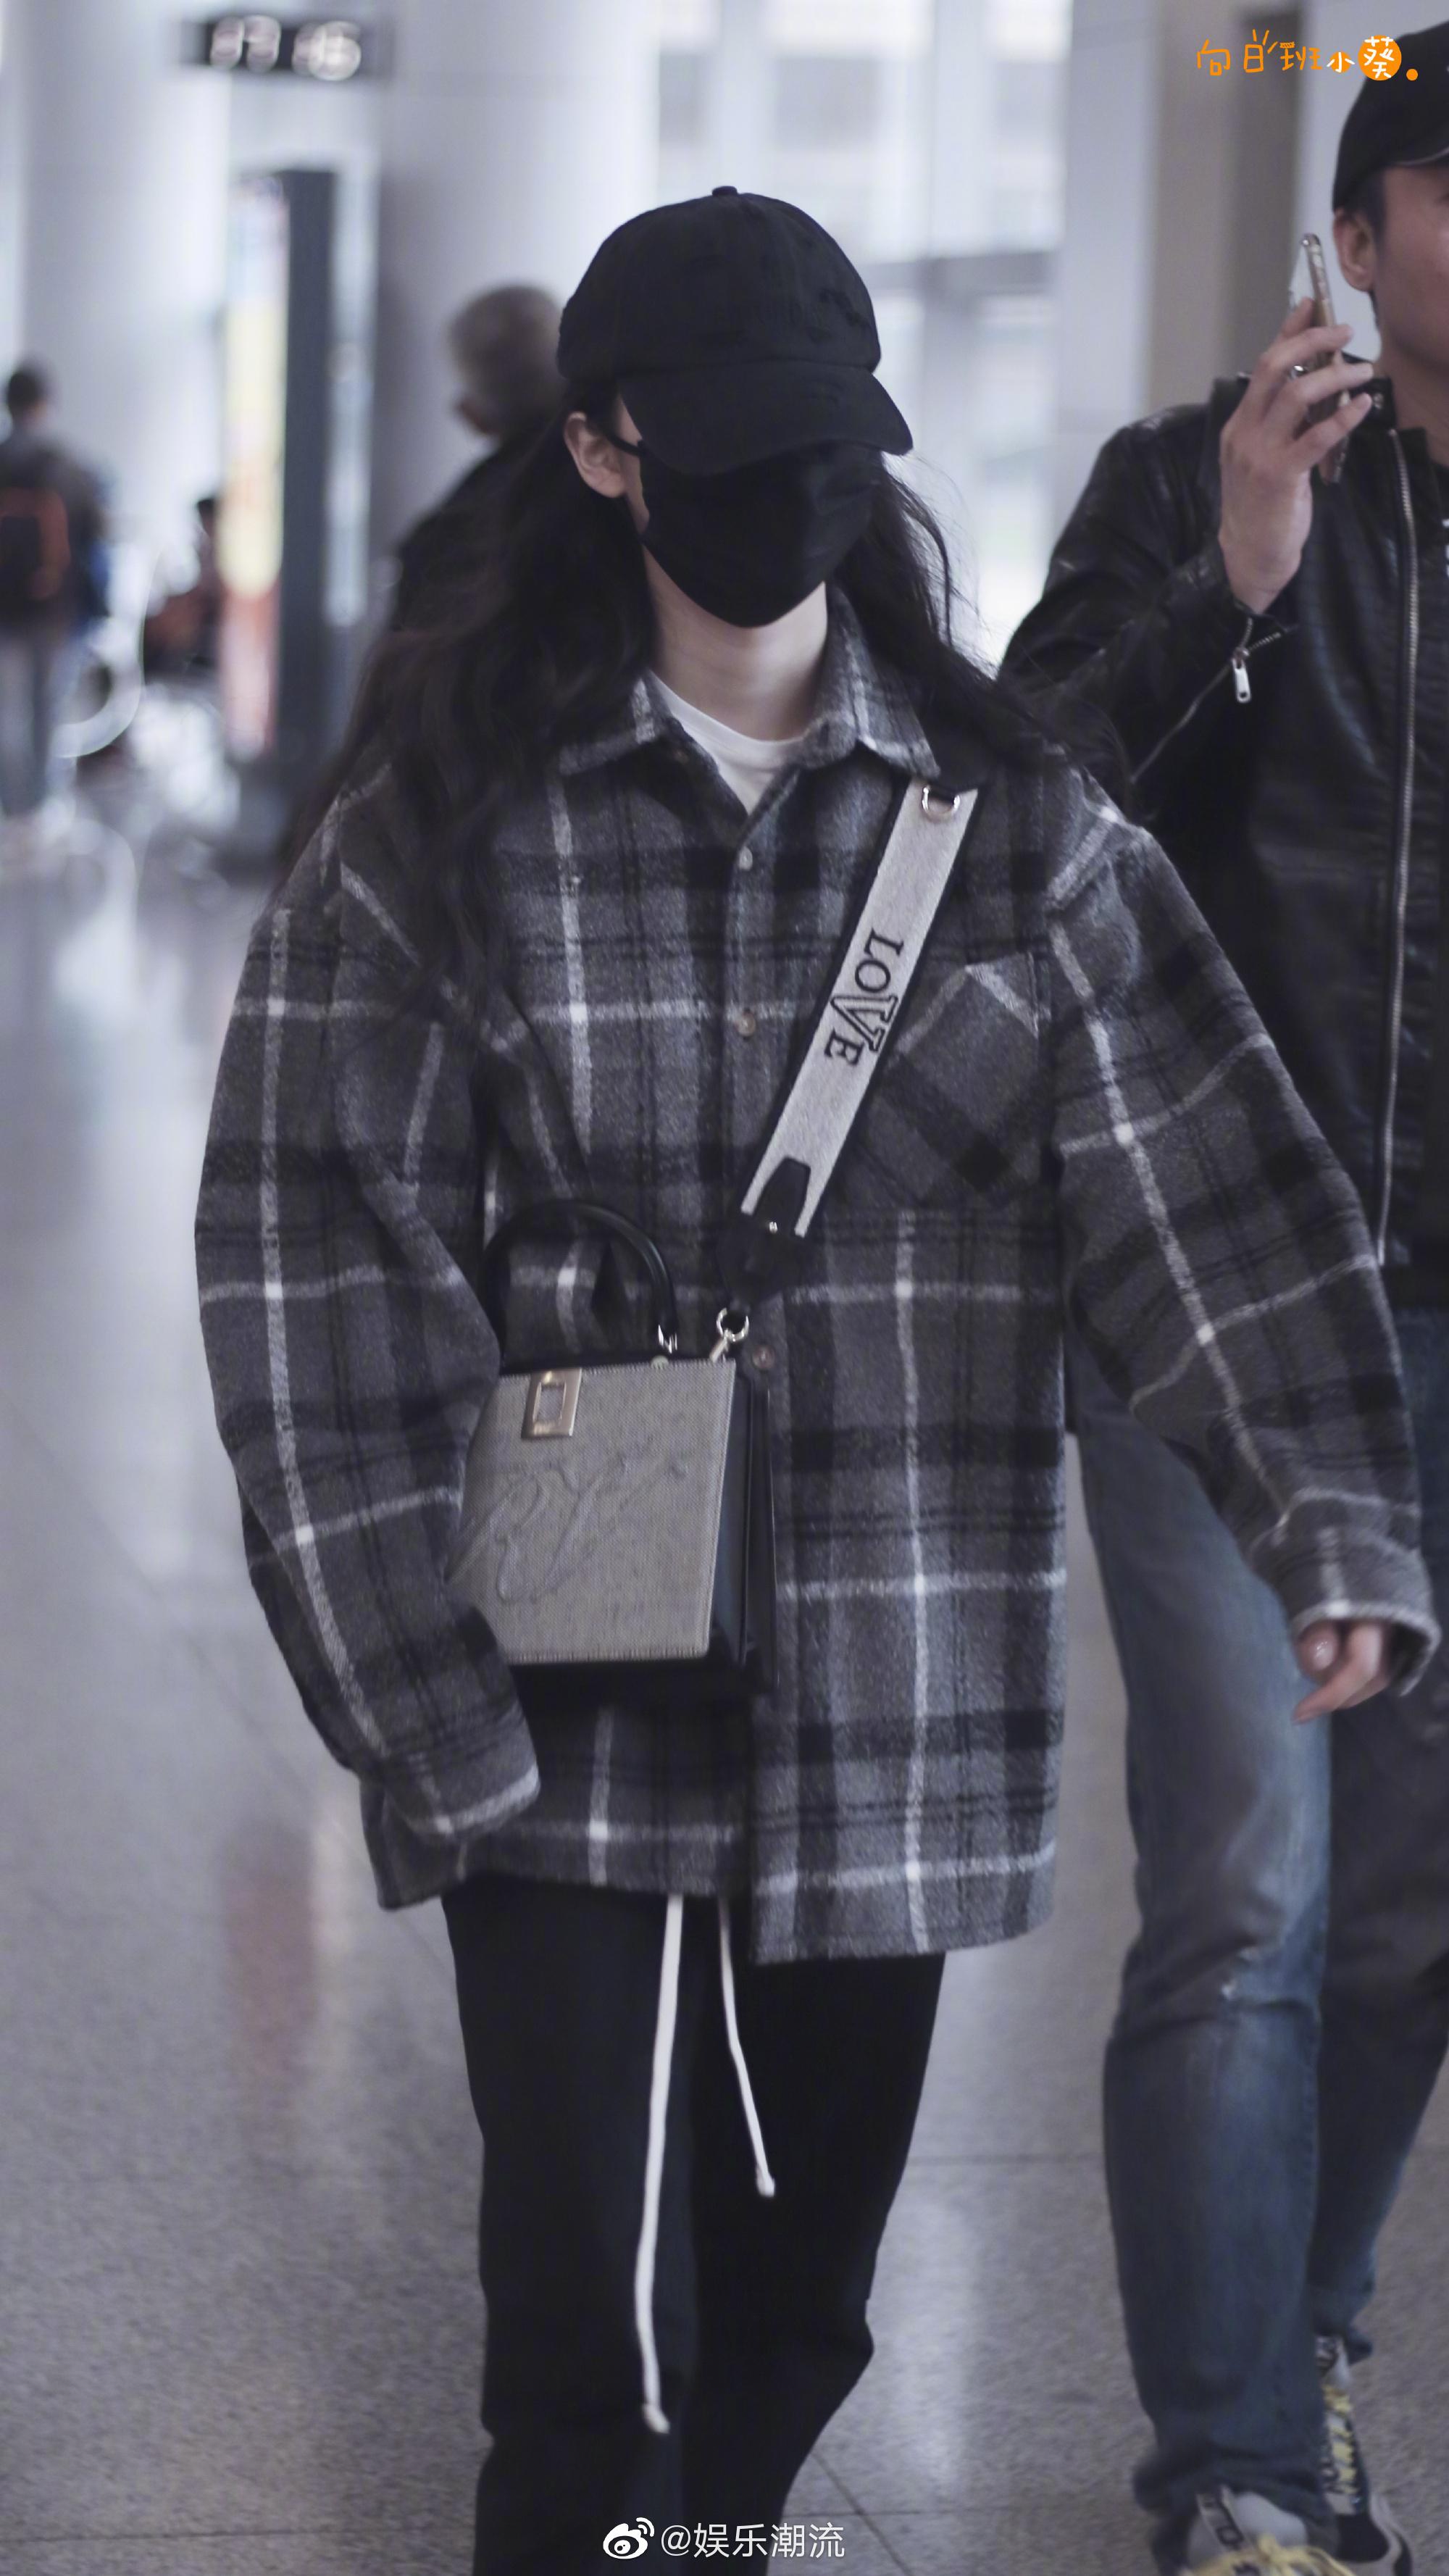 × 机场私服 格子衬衫搭配棒球帽,简约低调的娜比~